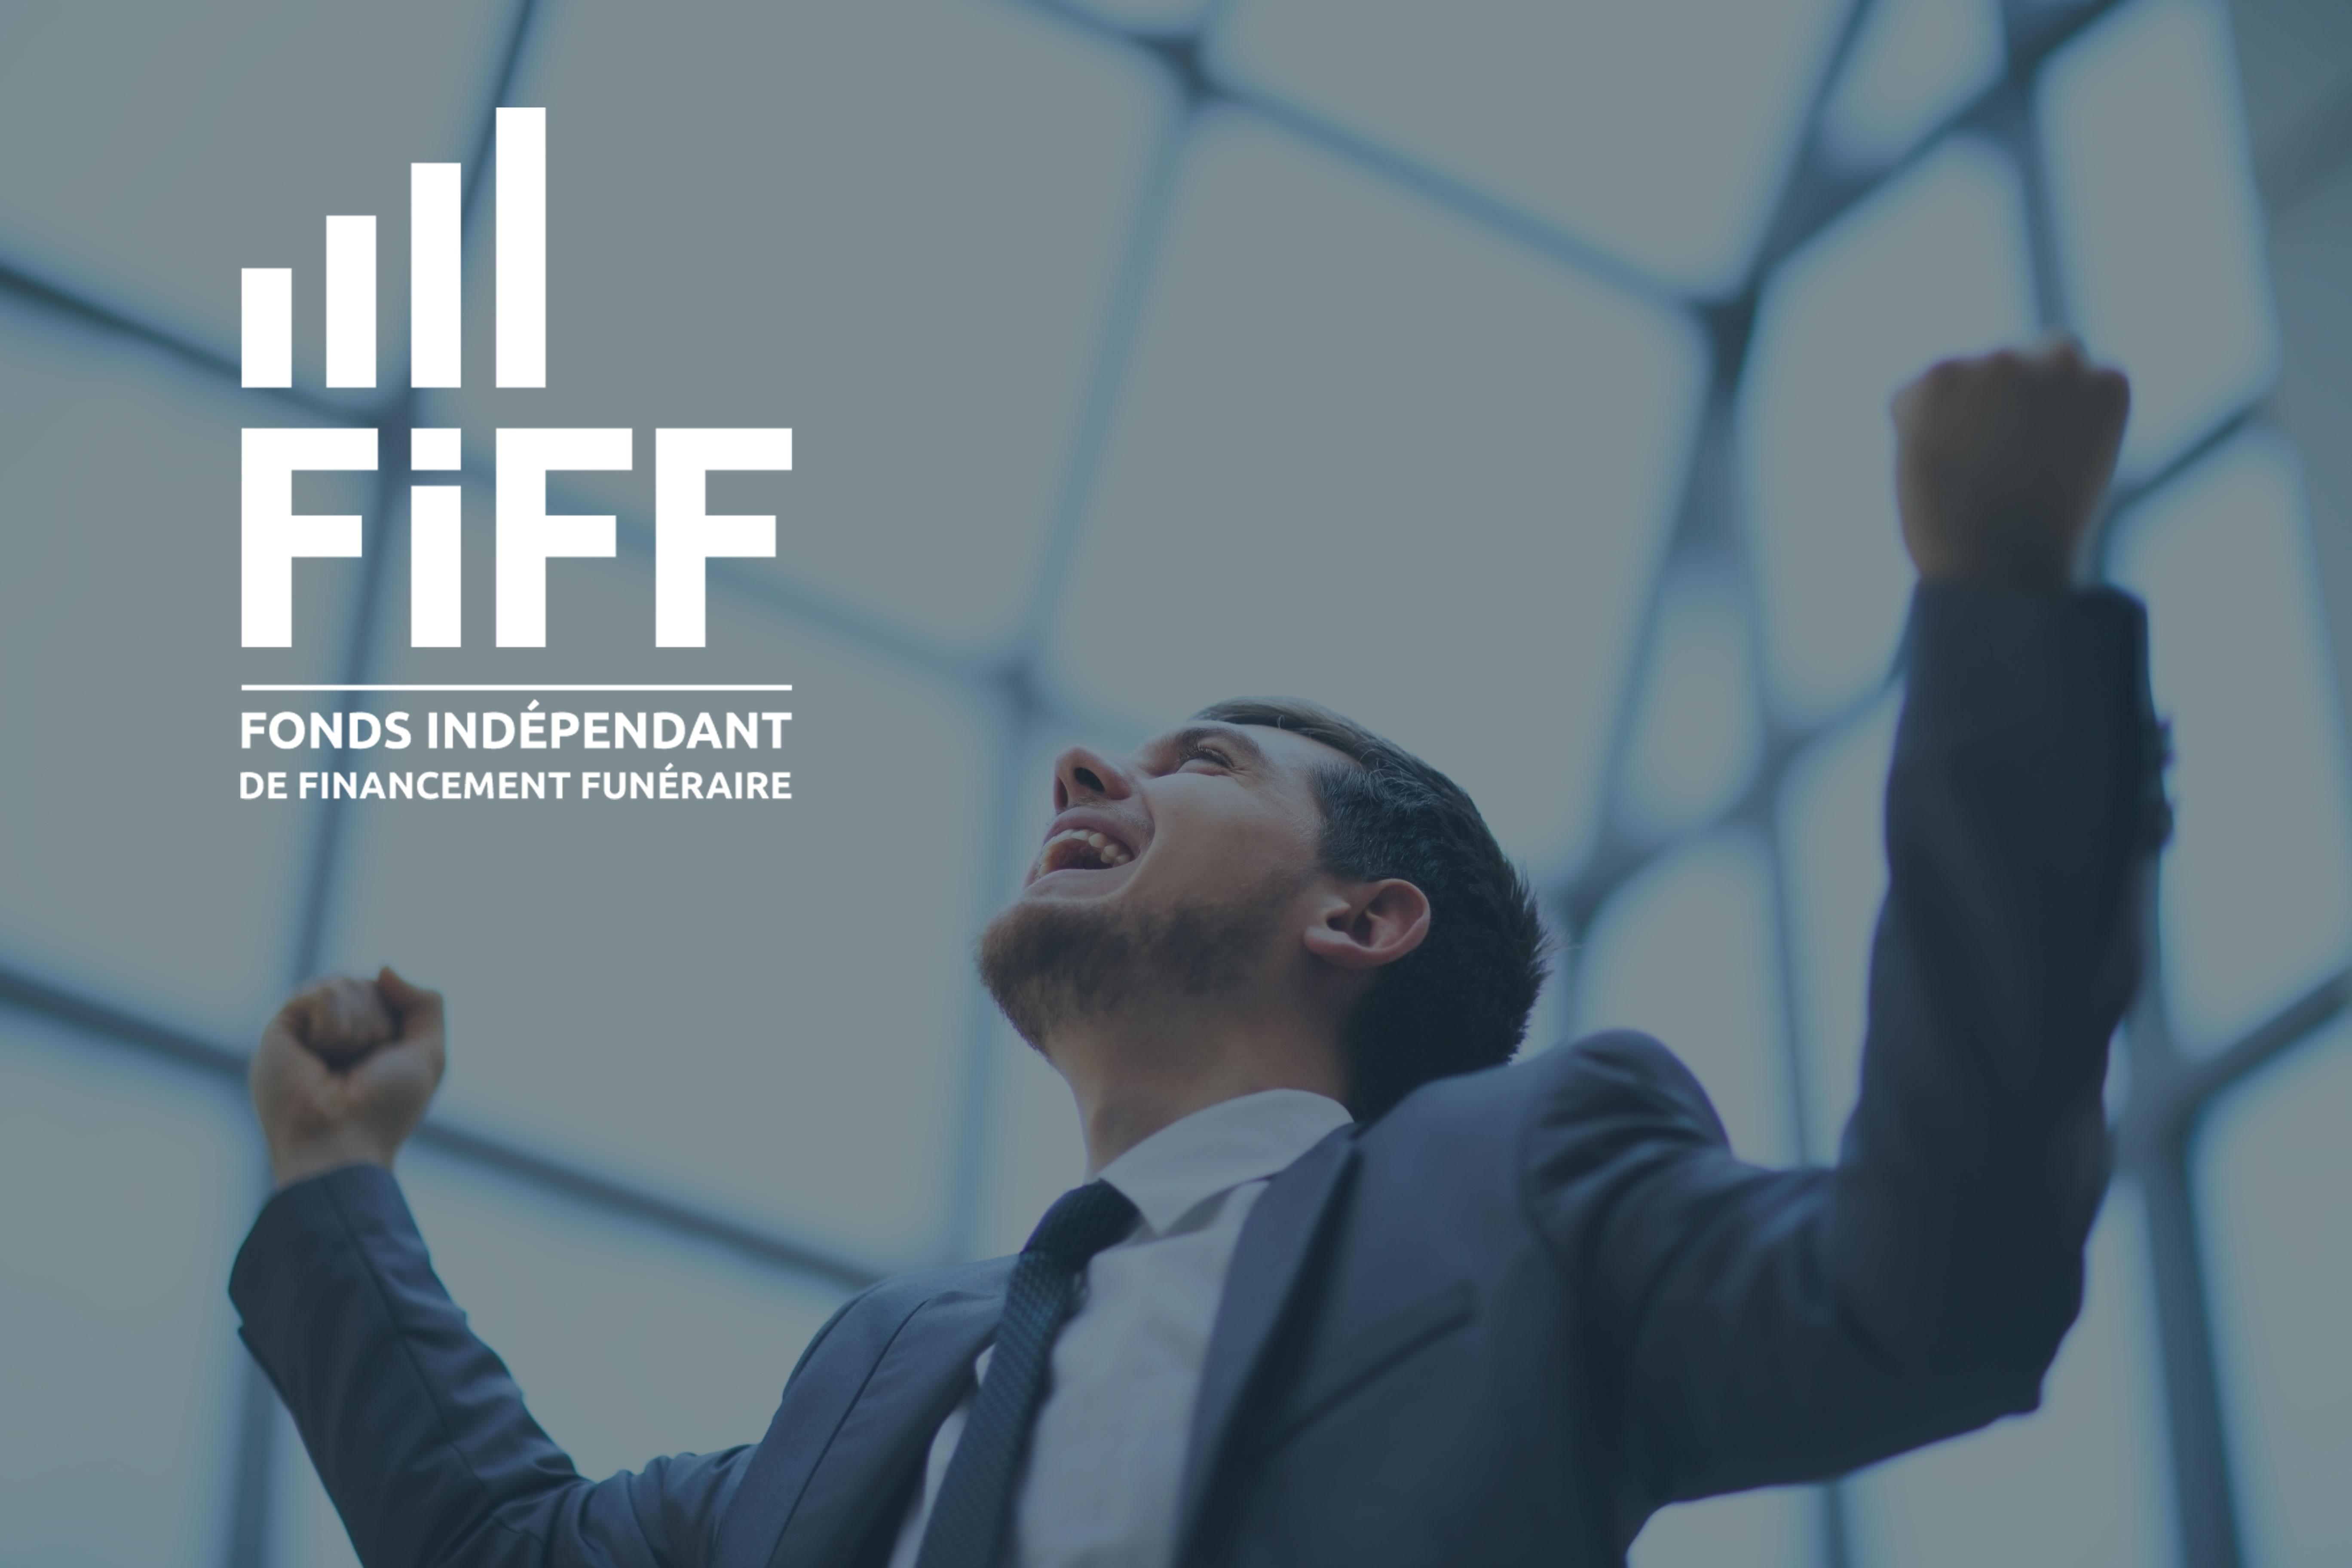 FIFF Fonds Indépendant de Financement Funéraire